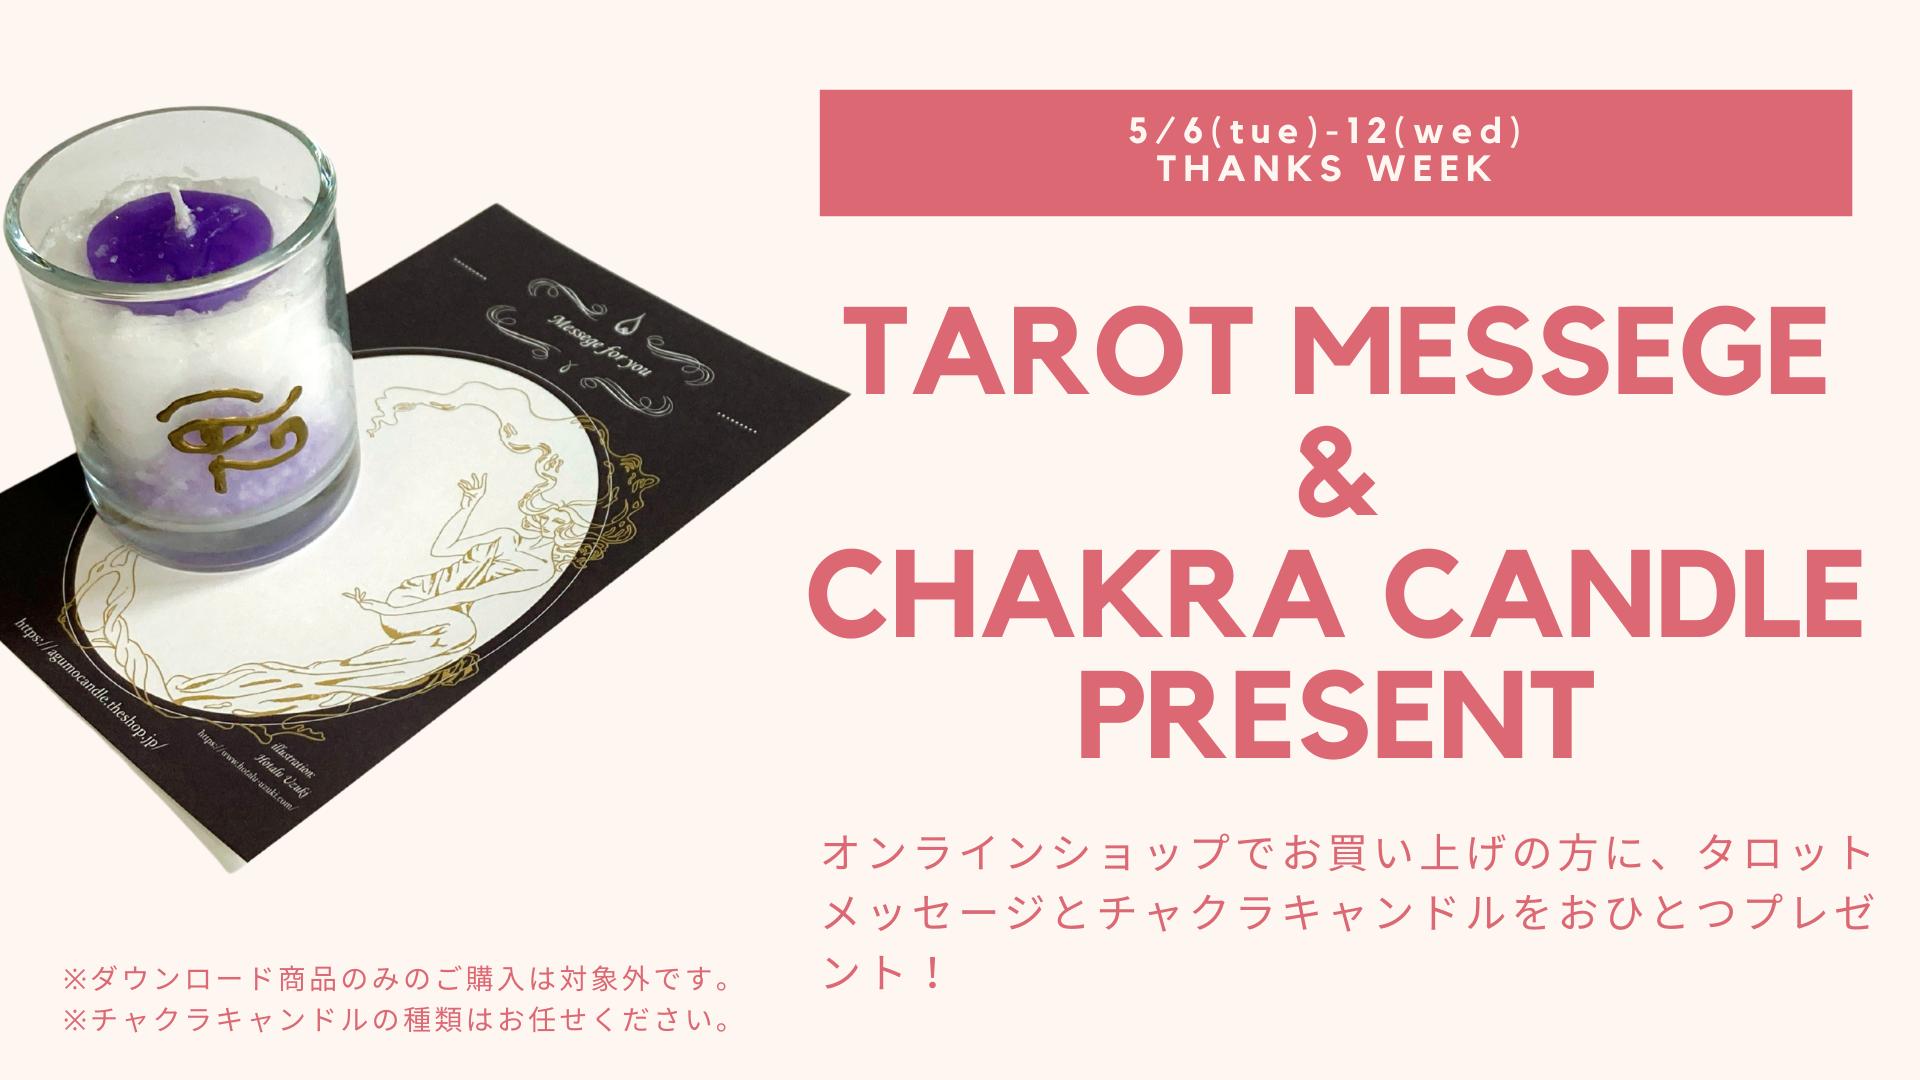 【5月6日~12日】タロットメッセージ&チャクラキャンドルプレゼントのお知らせ